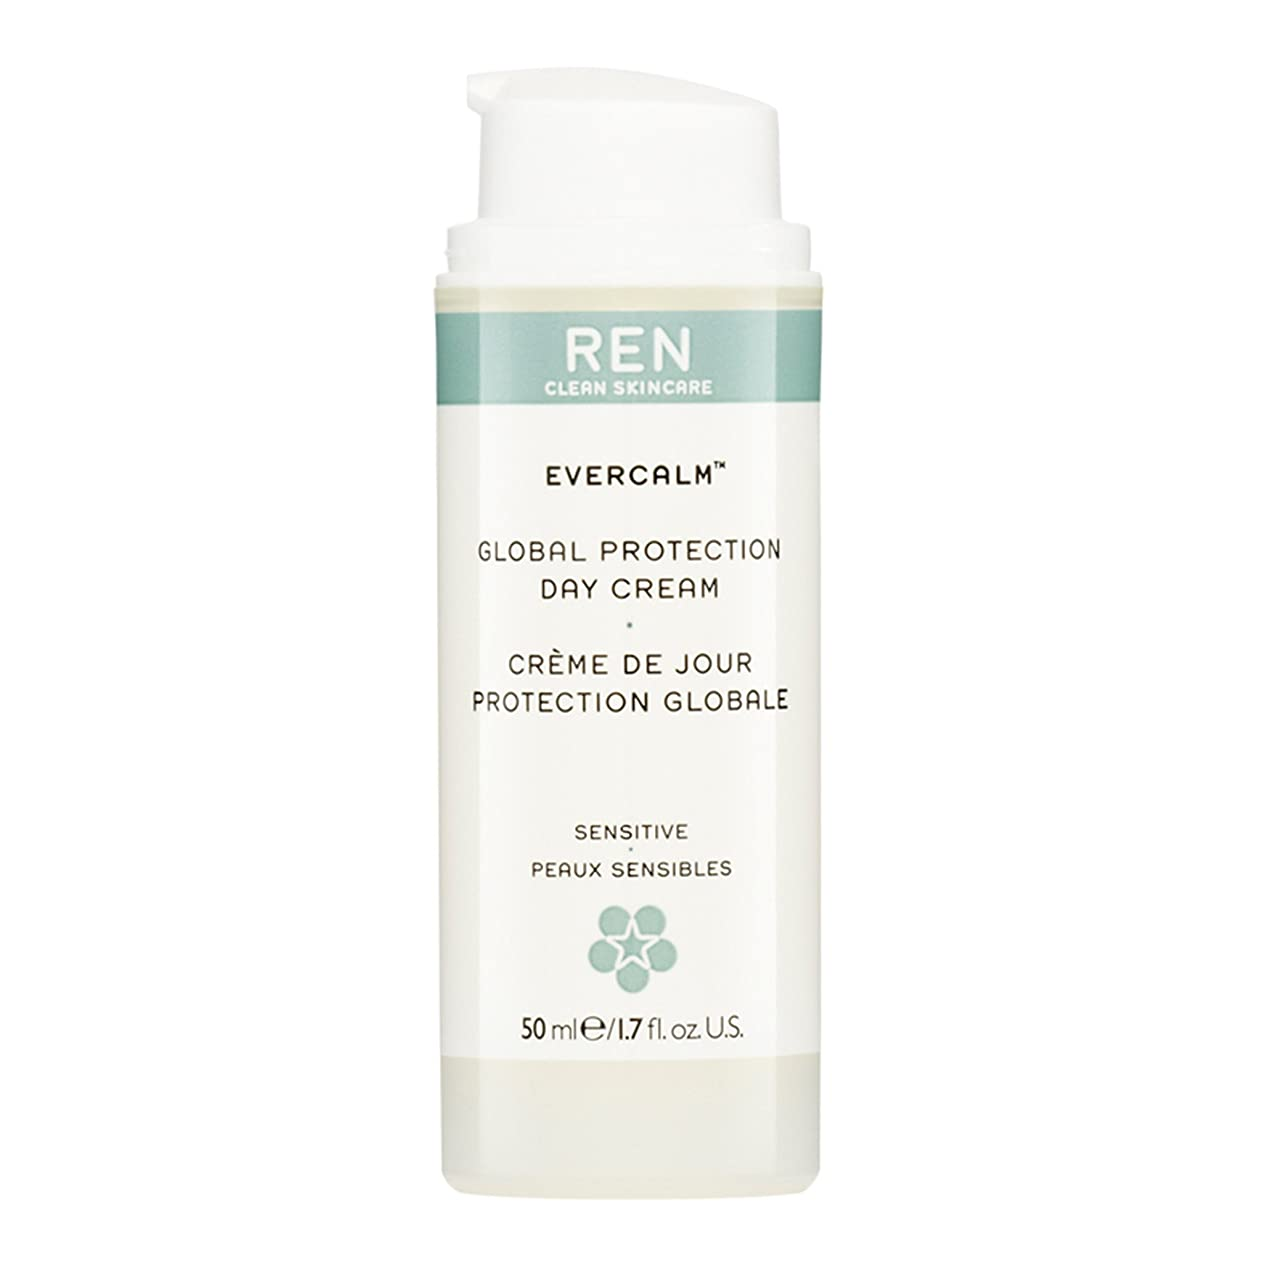 ウェイトレス悲惨な中央レン Evercalm Global Protection Day Cream (For Sensitive/ Delicate Skin) 50ml [海外直送品]